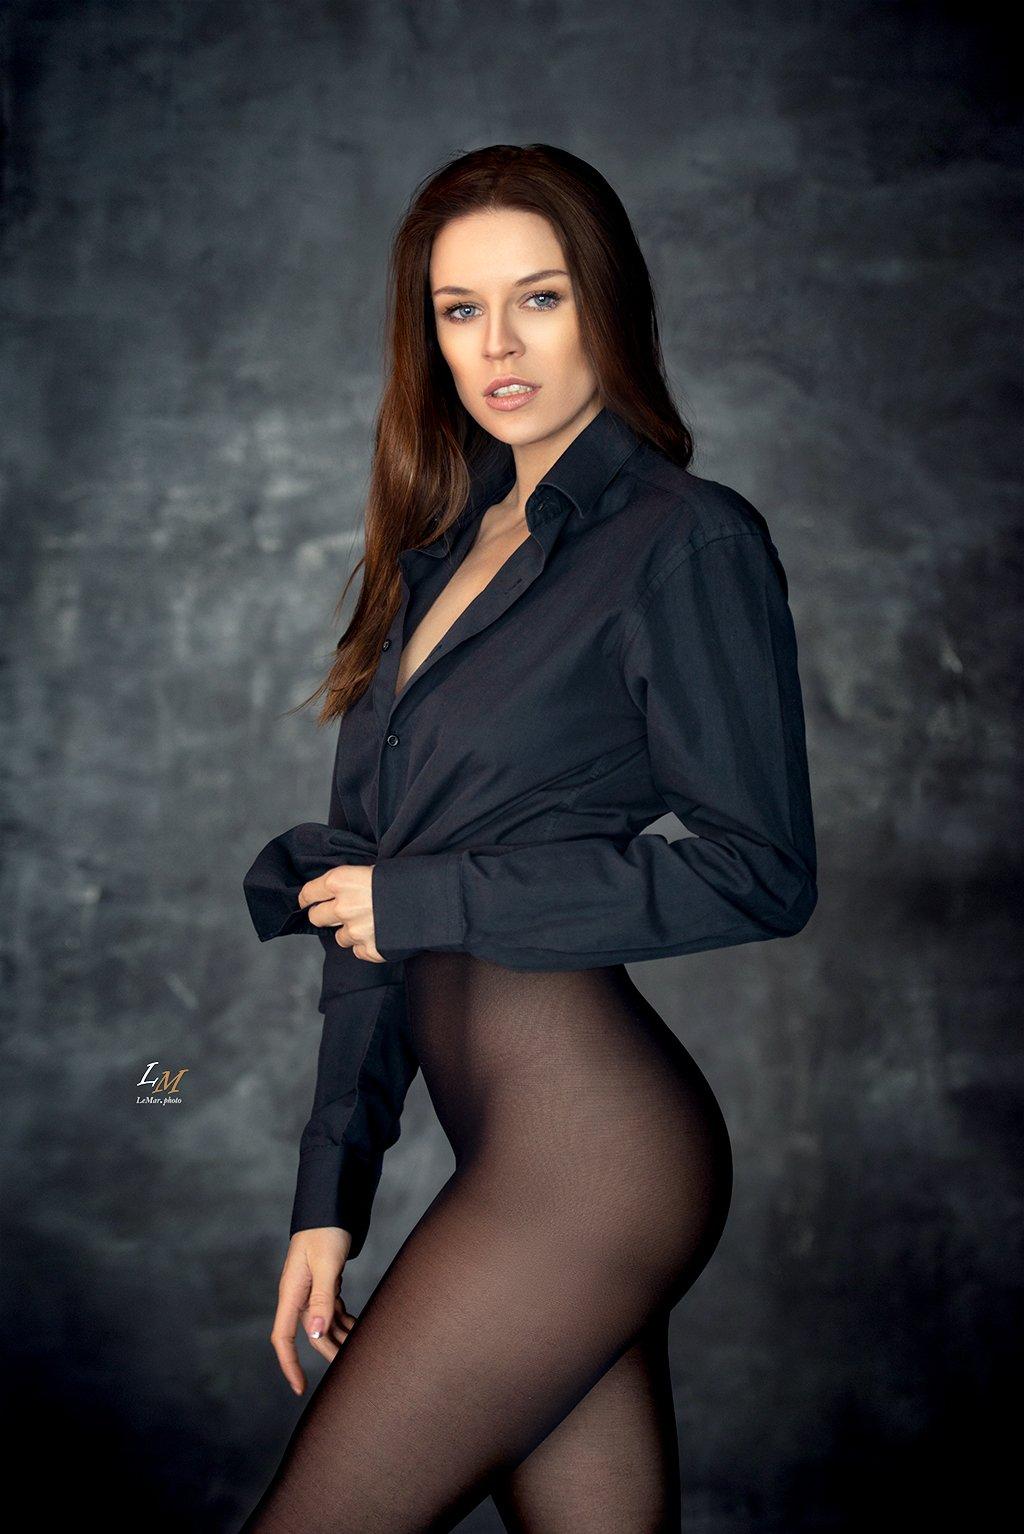 портрет, студия, девушка, москва, фотограф, Маркачев Леонид